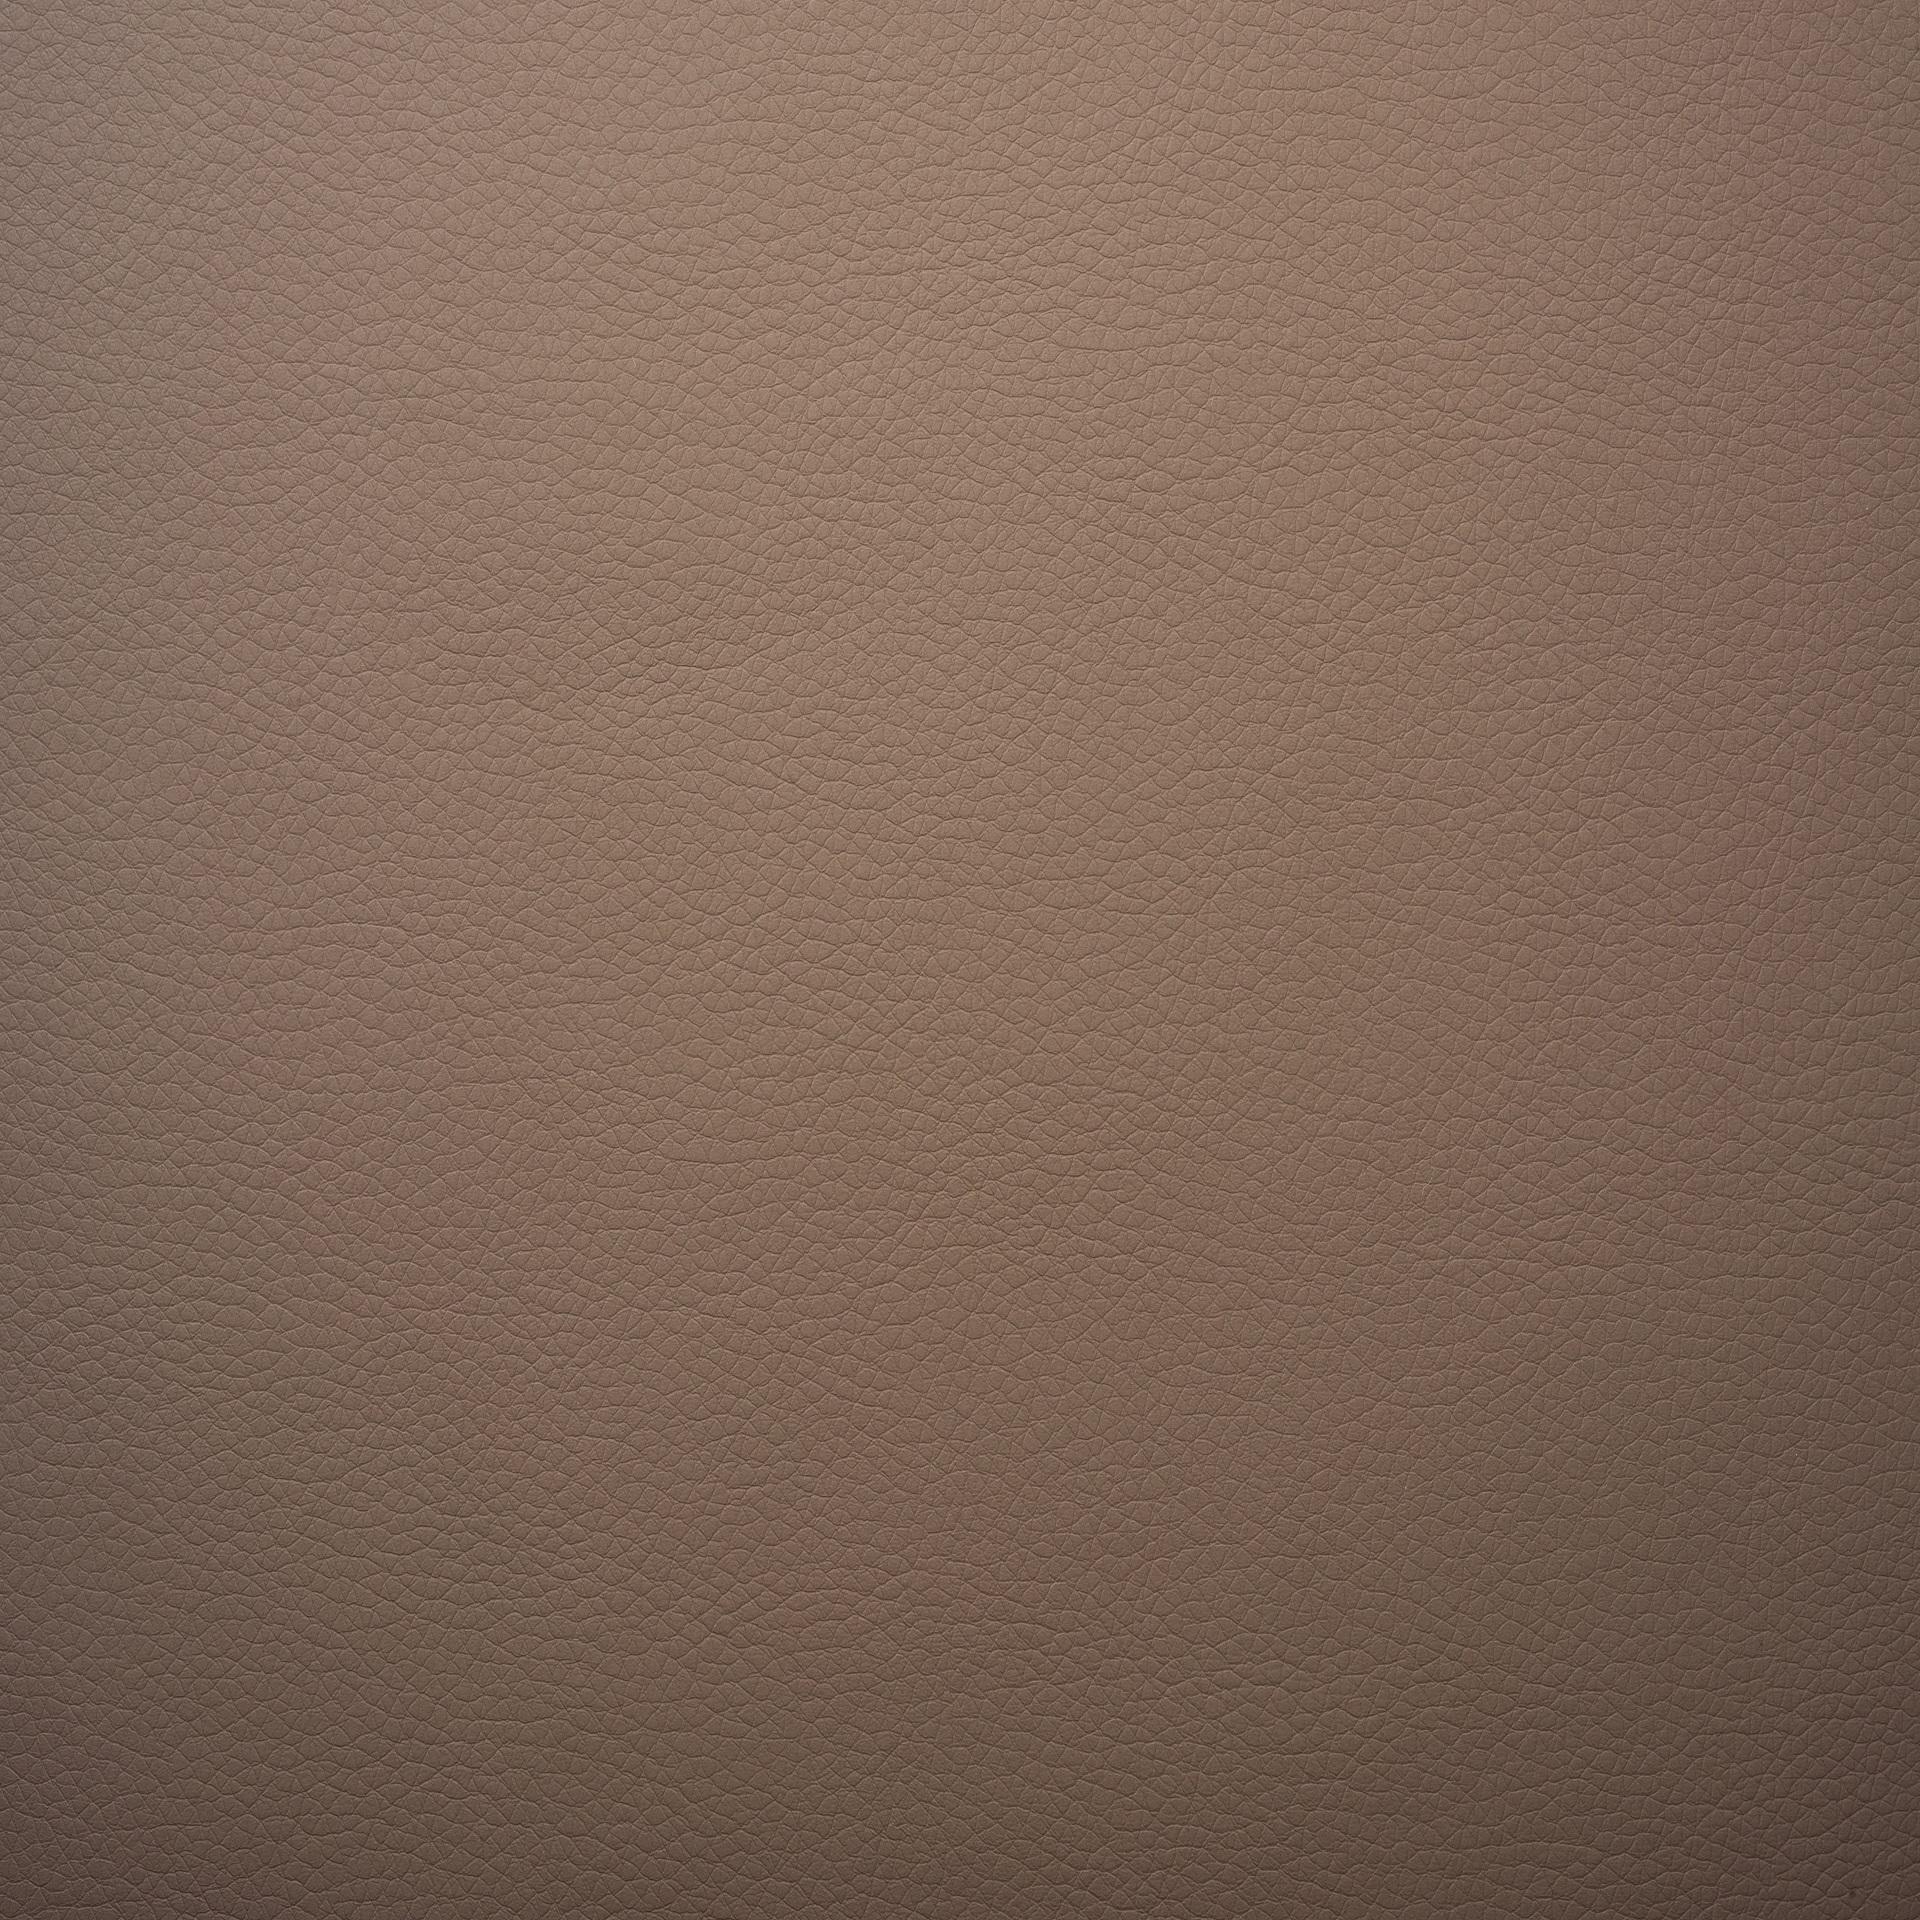 Коллекция ткани Флай 2242,  купить ткань Кож зам для мебели Украина